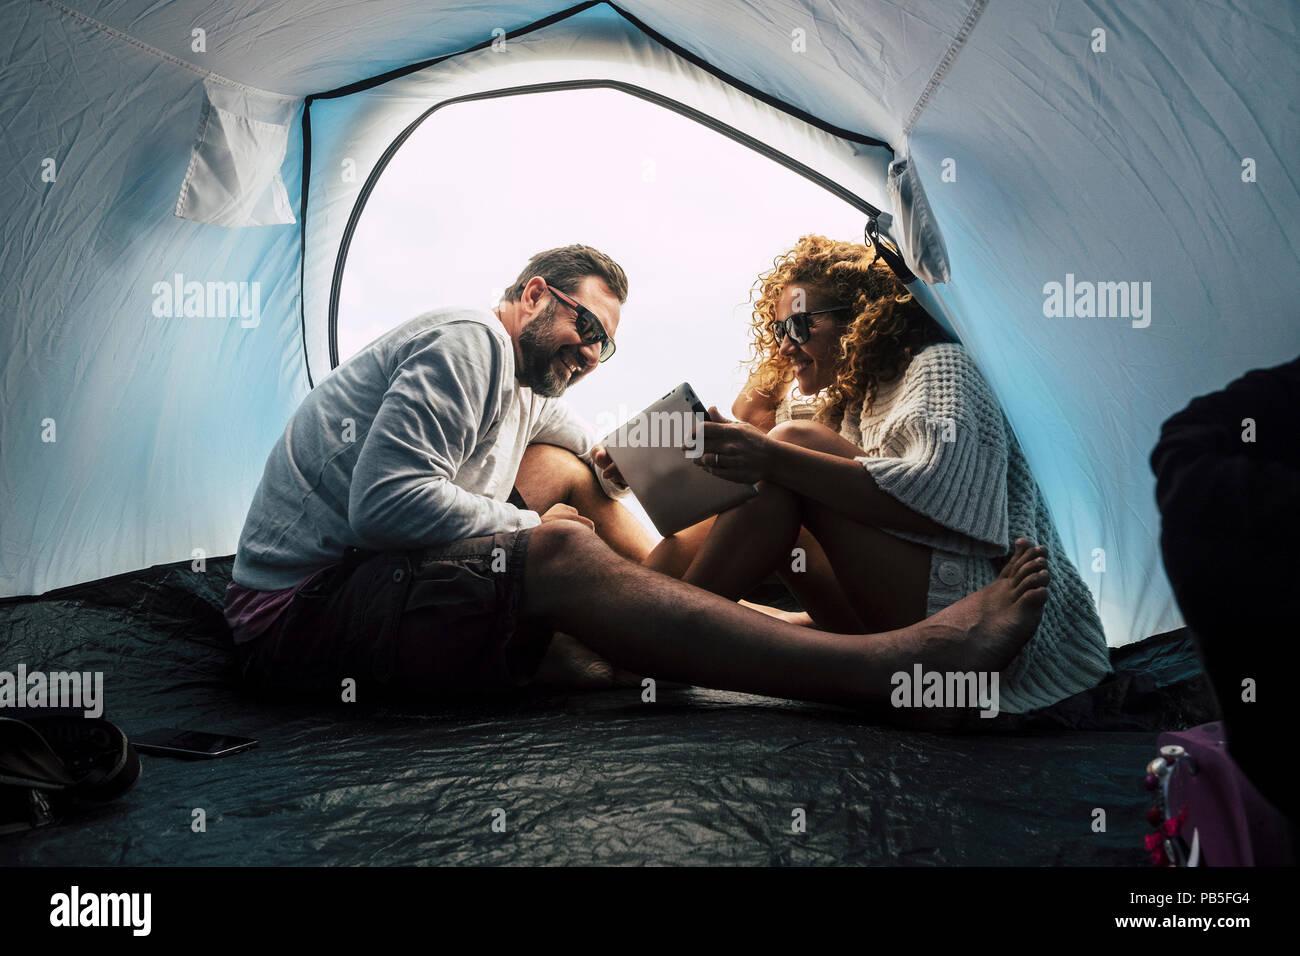 Feliz pareja de mediana edad jóvenes casados y en relación disfrutar del camping en el interior de la tienda y utilizar la tecnología de la Internet Tablet. amor y amistad fo Foto de stock